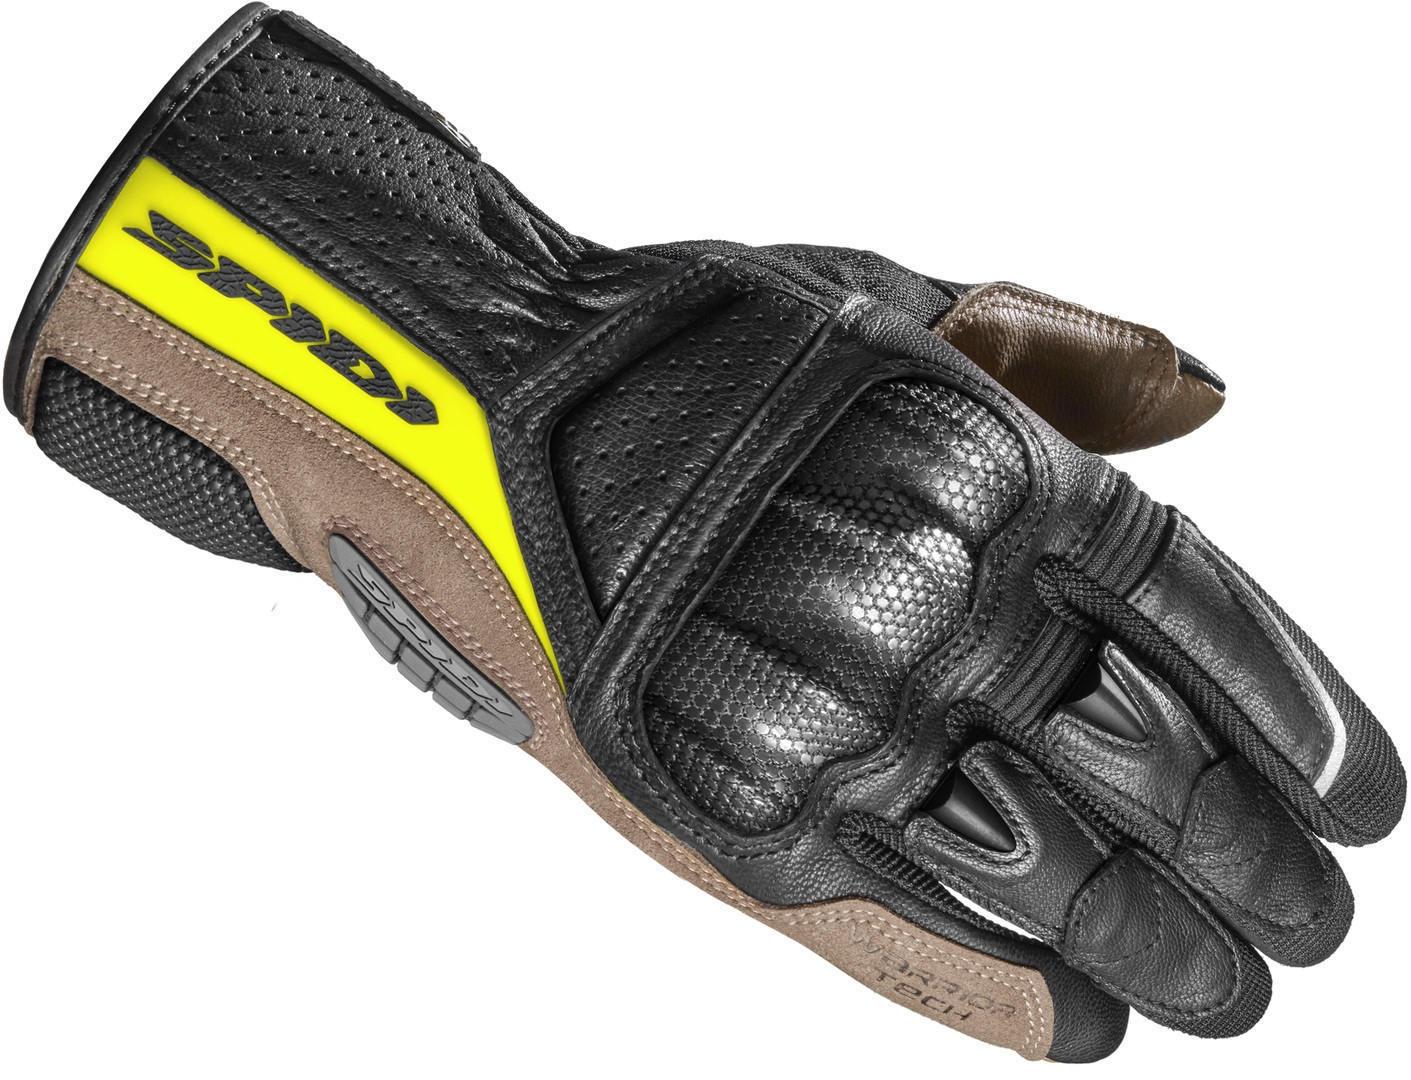 Spidi TX-Pro Gants de moto Noir Jaune taille : M